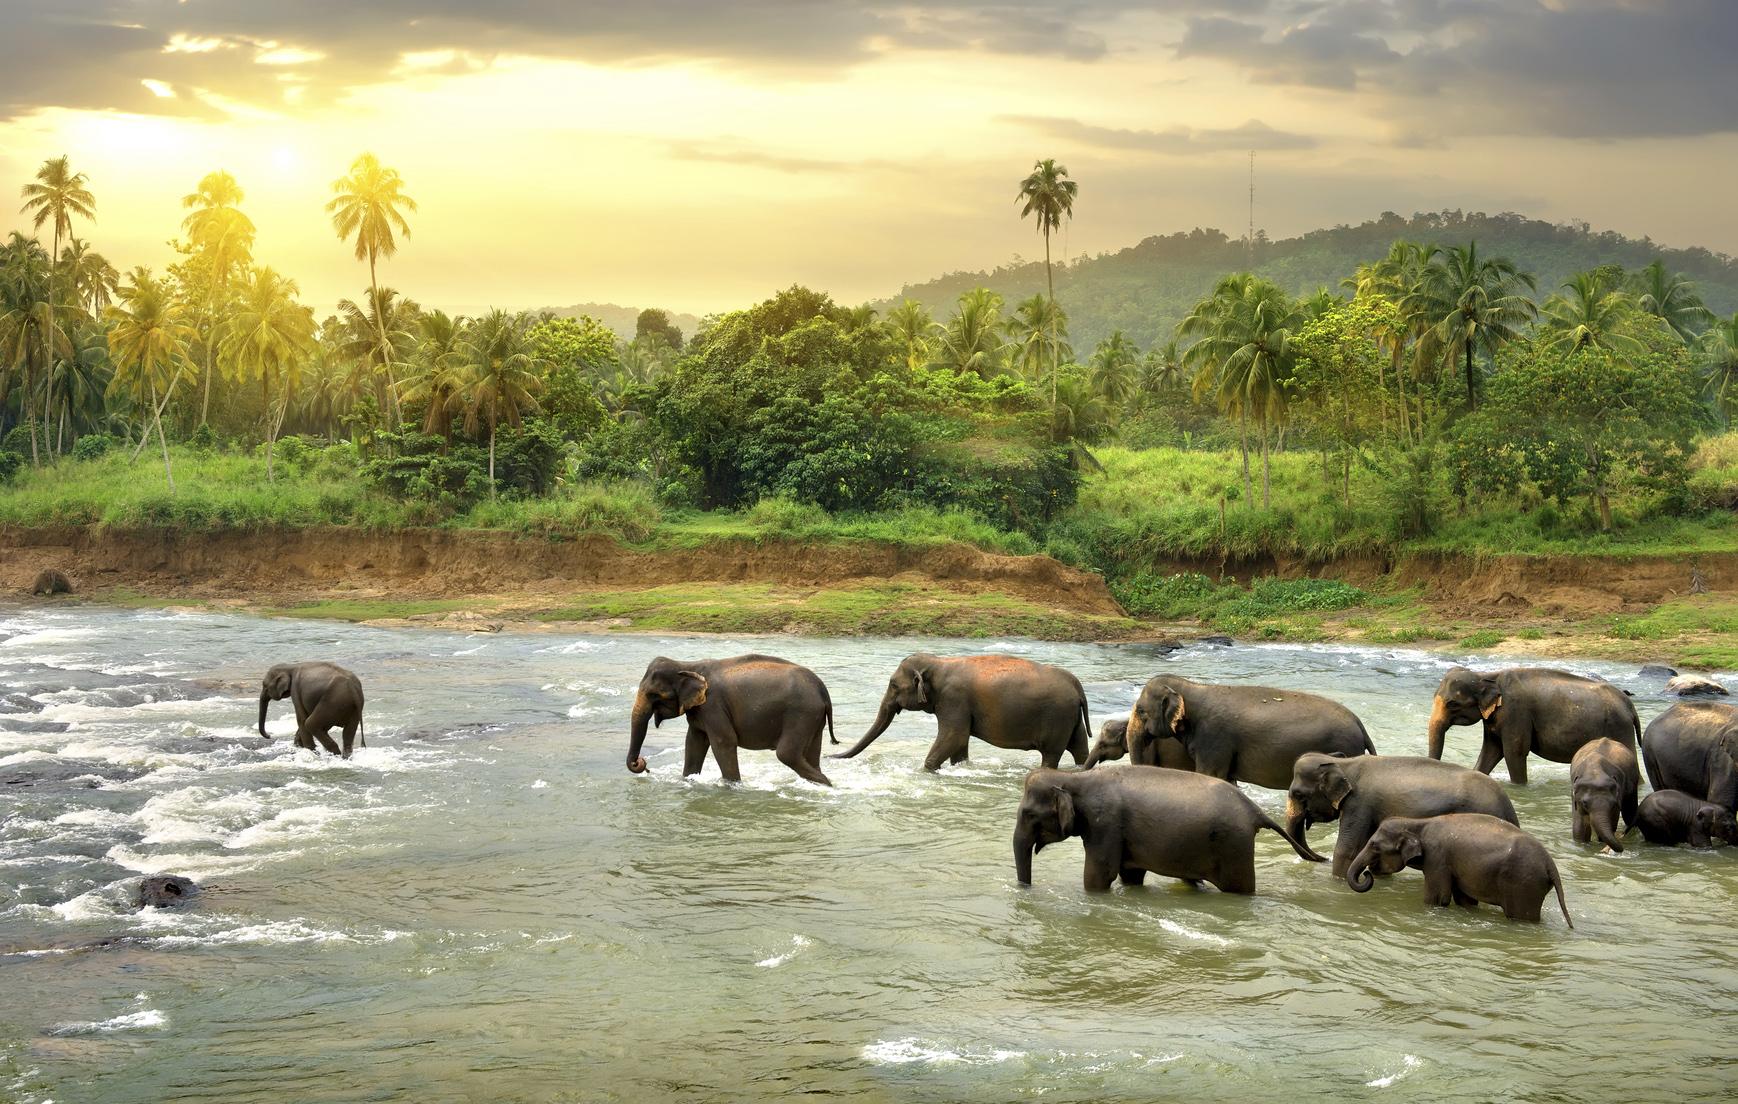 Herd of elephants walking in a jungle river